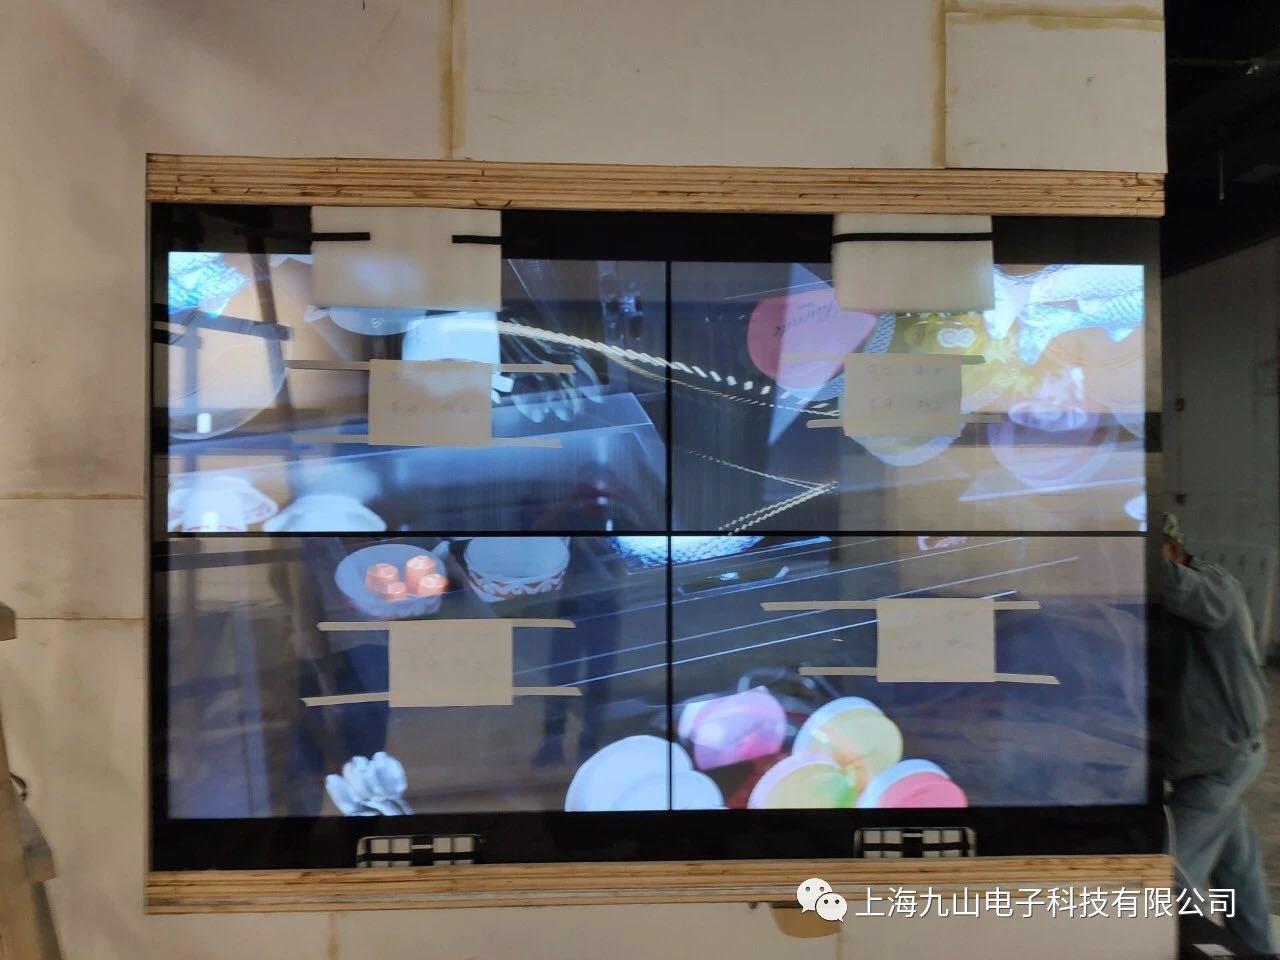 【九山电子】-透明OLED拼接墙智能显示方案